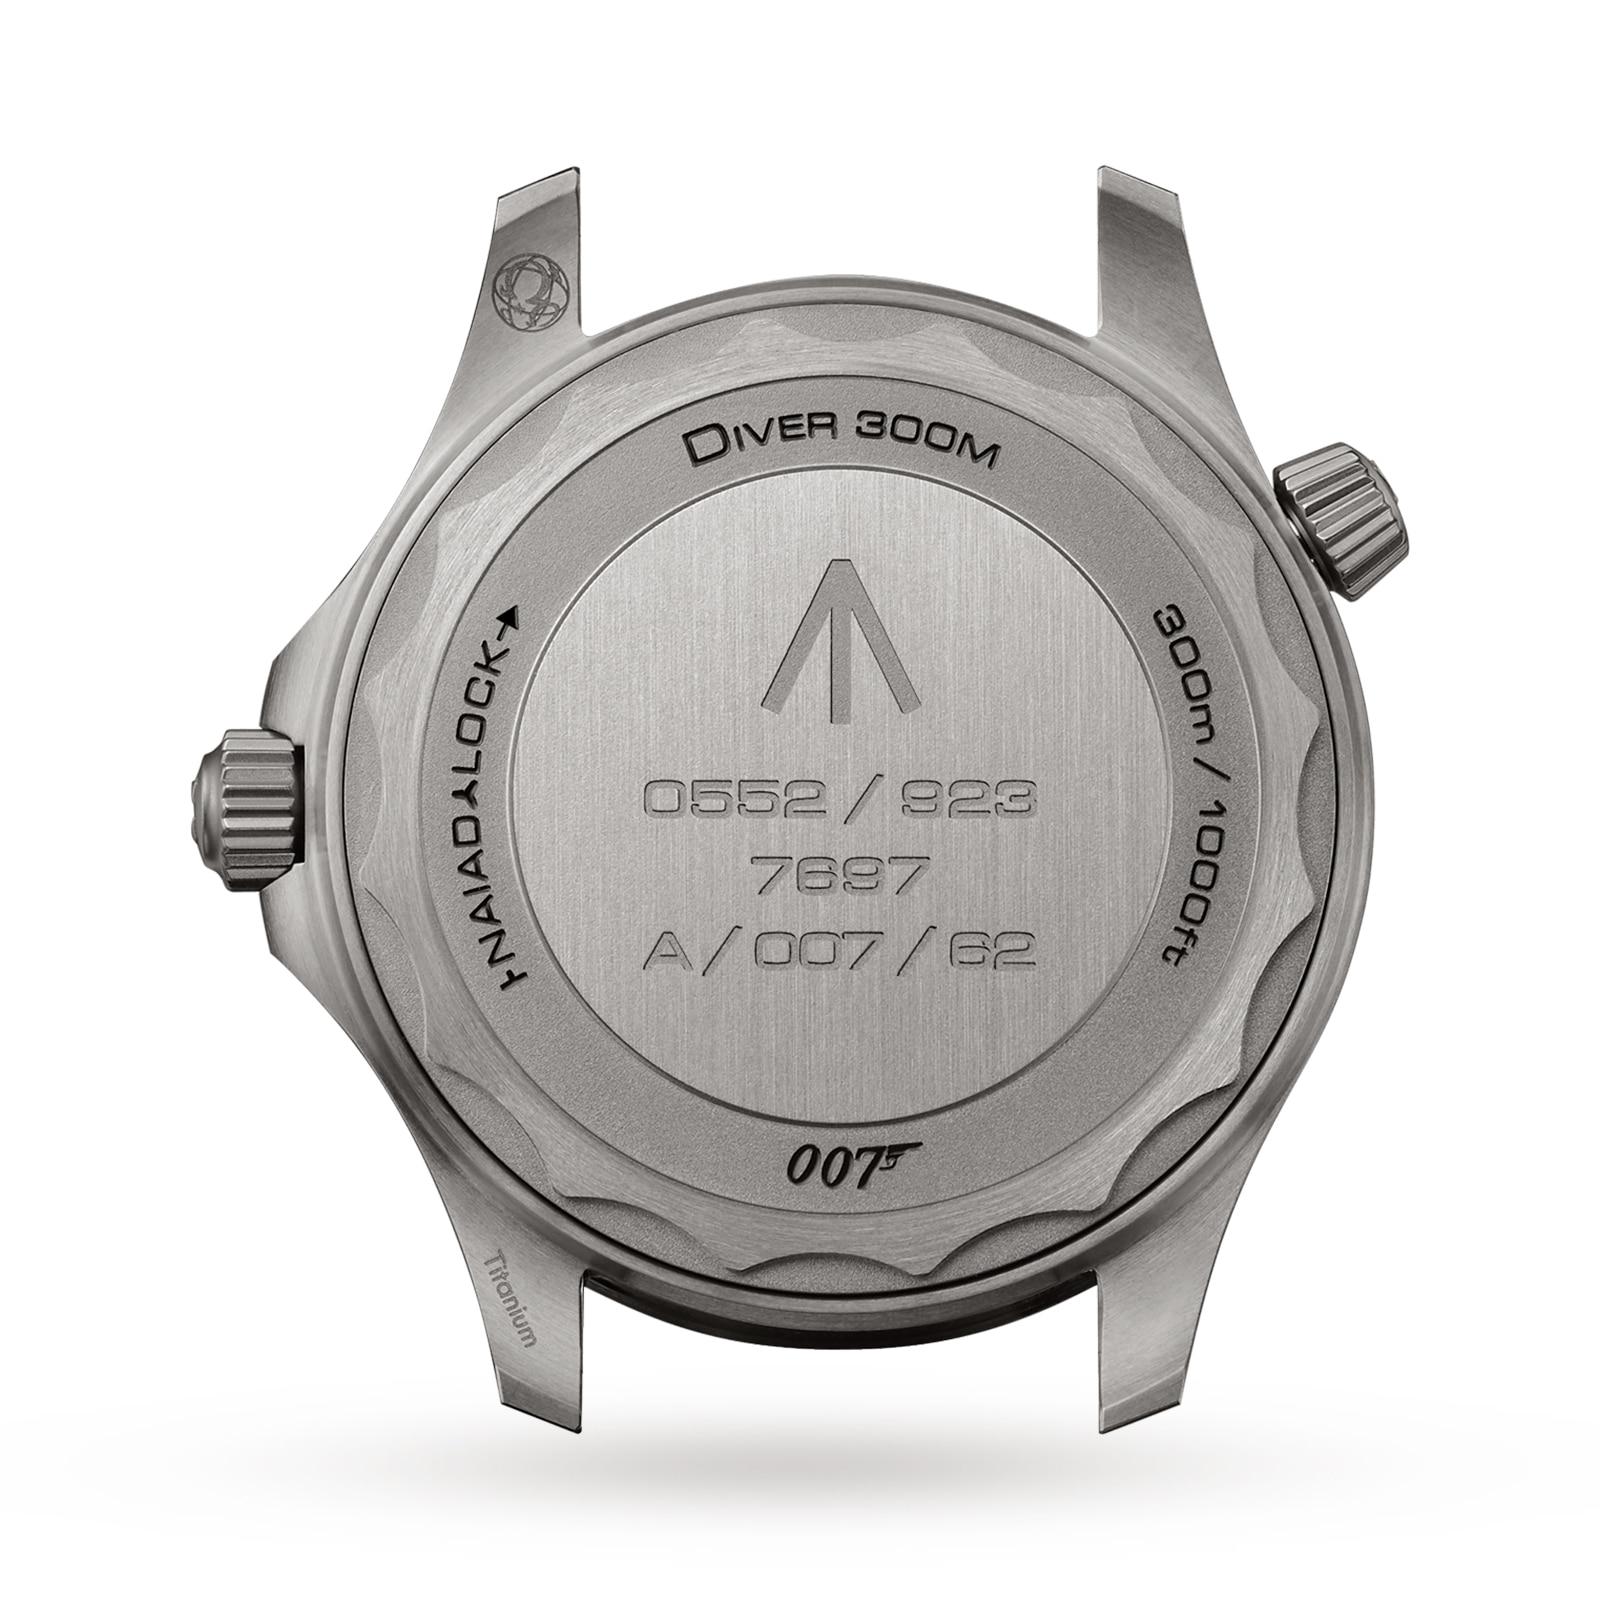 Omega Seamaster Diver 300m James Bond 007 2020 Edition